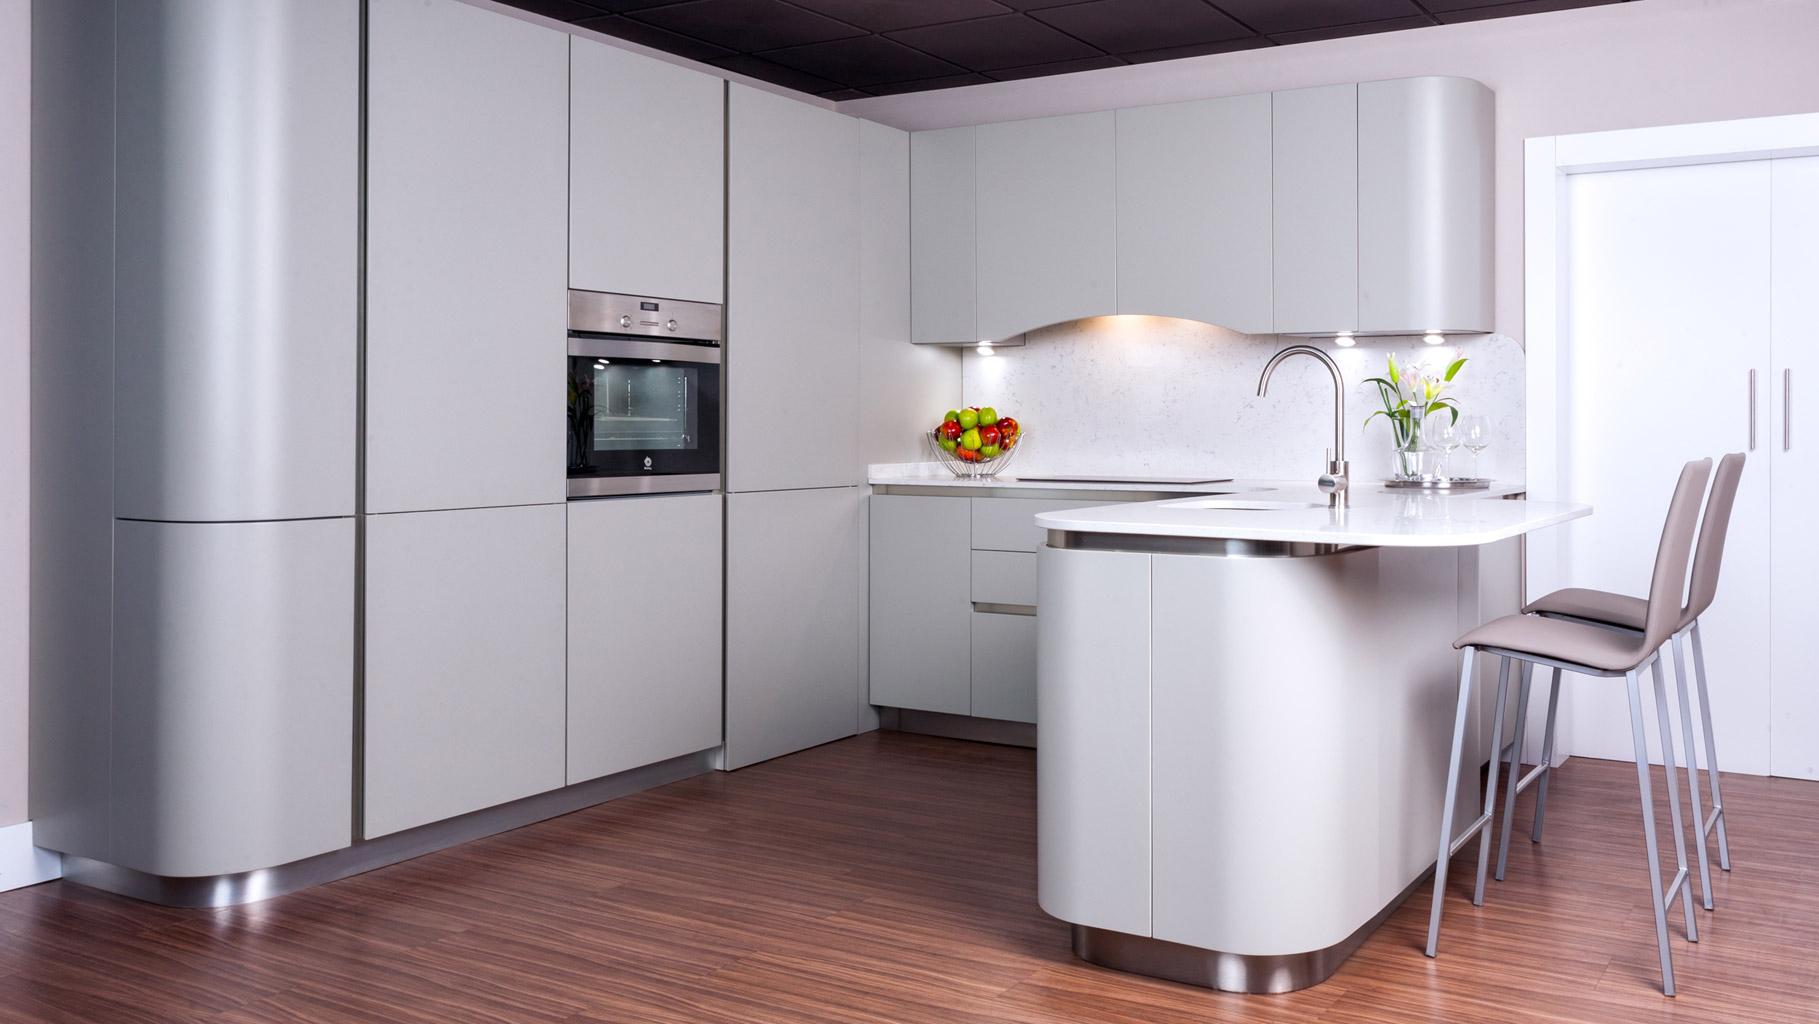 Muebles de cocina lacados davinia cocinas y decoraci n - Muebles de cocina de exposicion ...